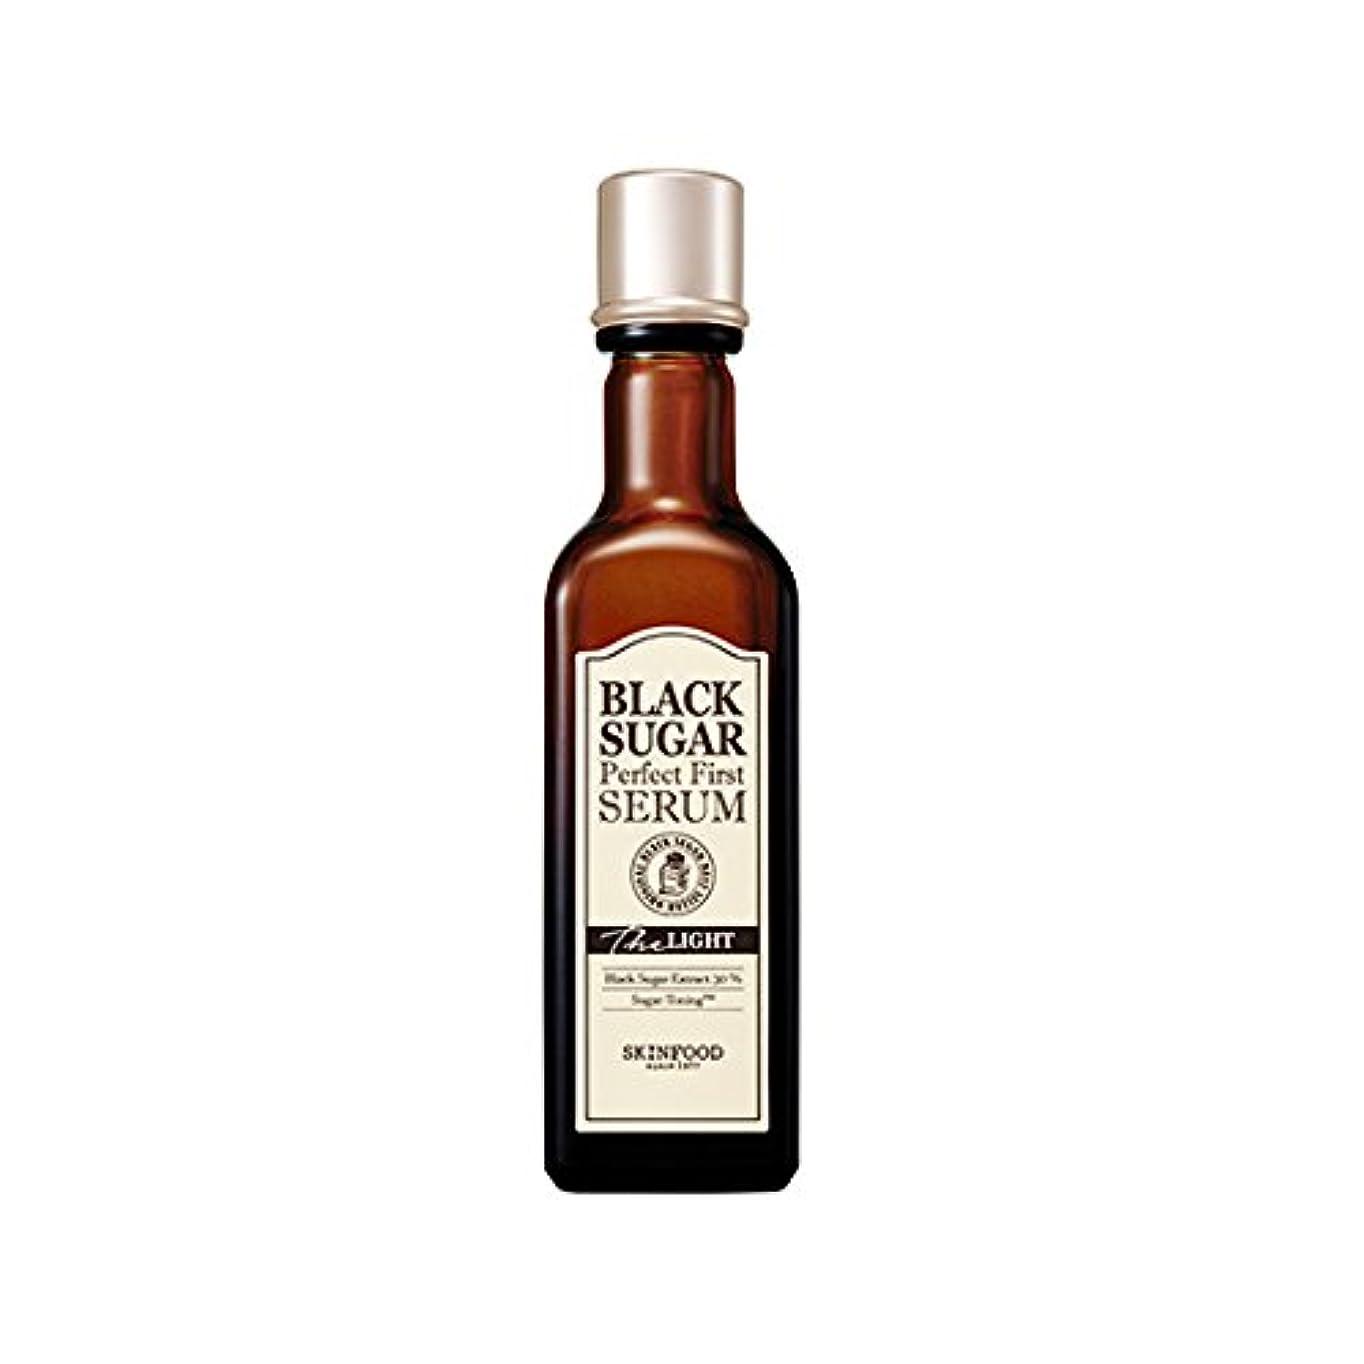 世界の窓霜病者Skinfood black sugar perfect first serum the light/黒糖完全最初血清ライト/120ml + 60? [並行輸入品]